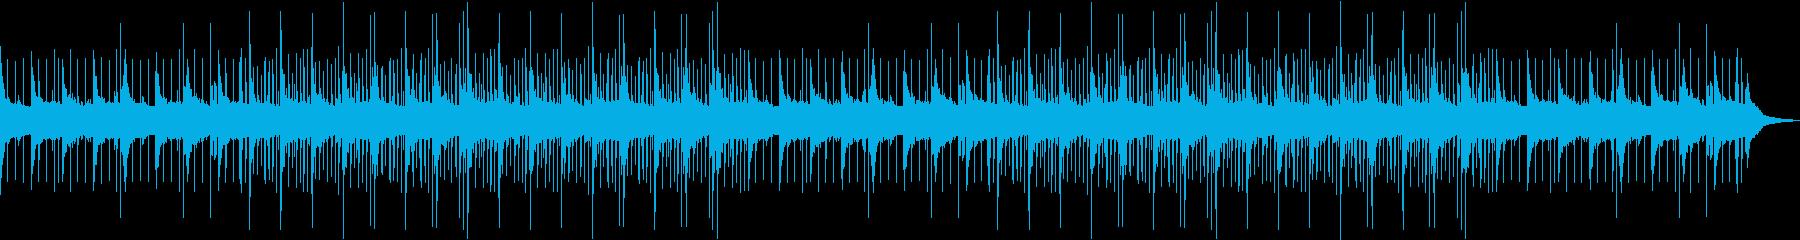 優しいチルアウト・ローファイヒップホップの再生済みの波形